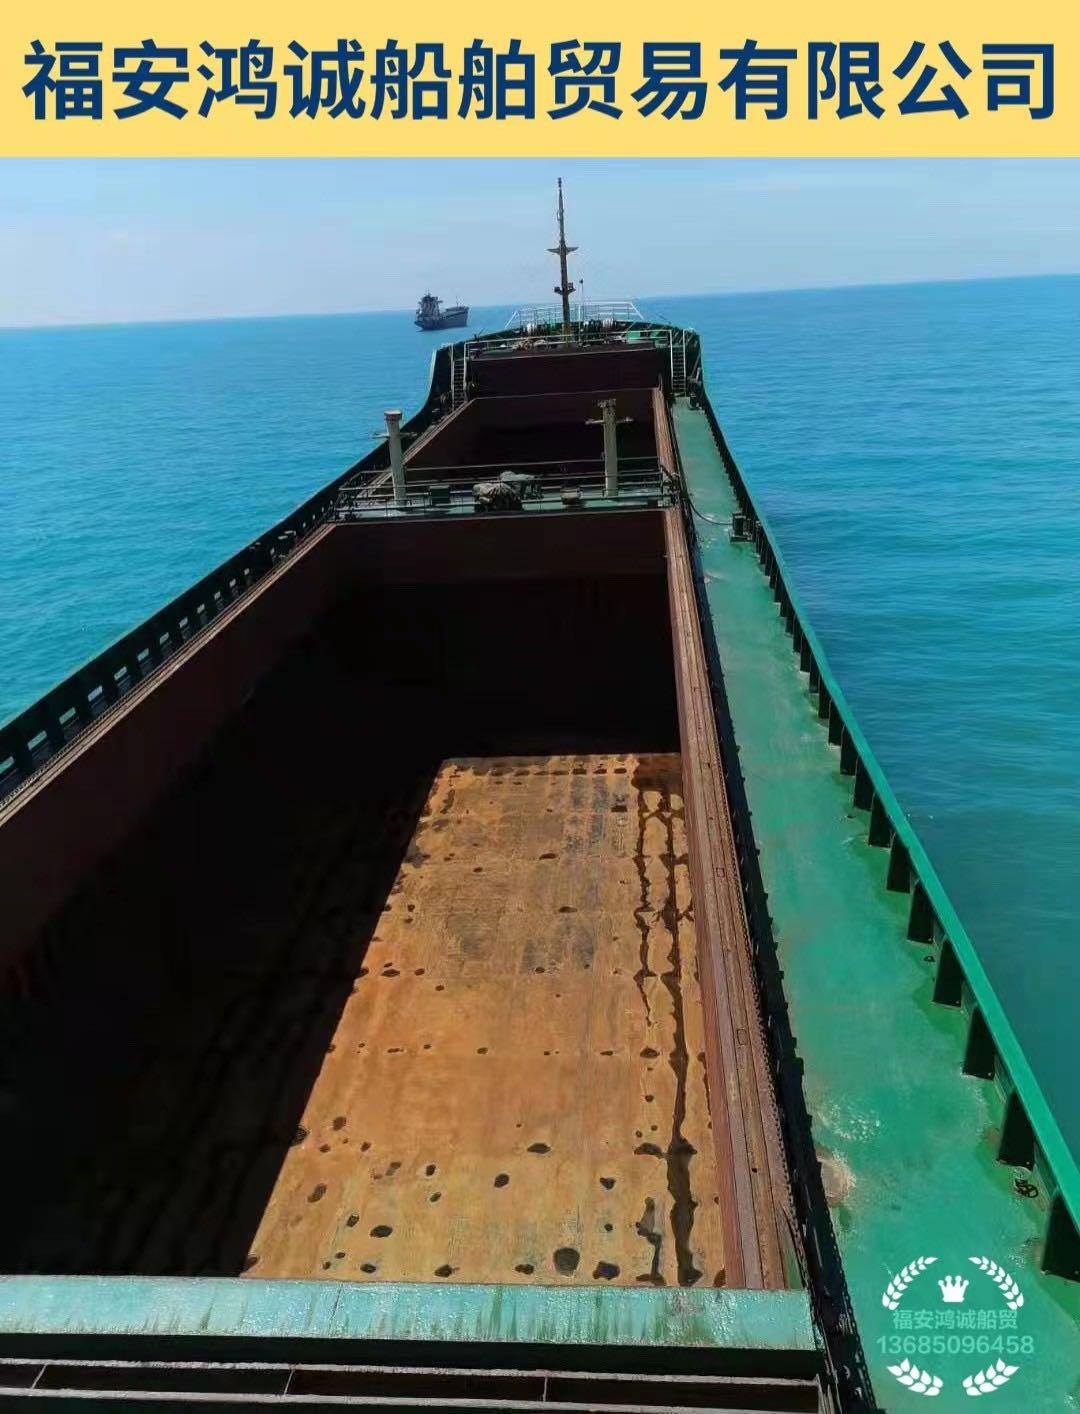 出售2009年造5200吨散货船